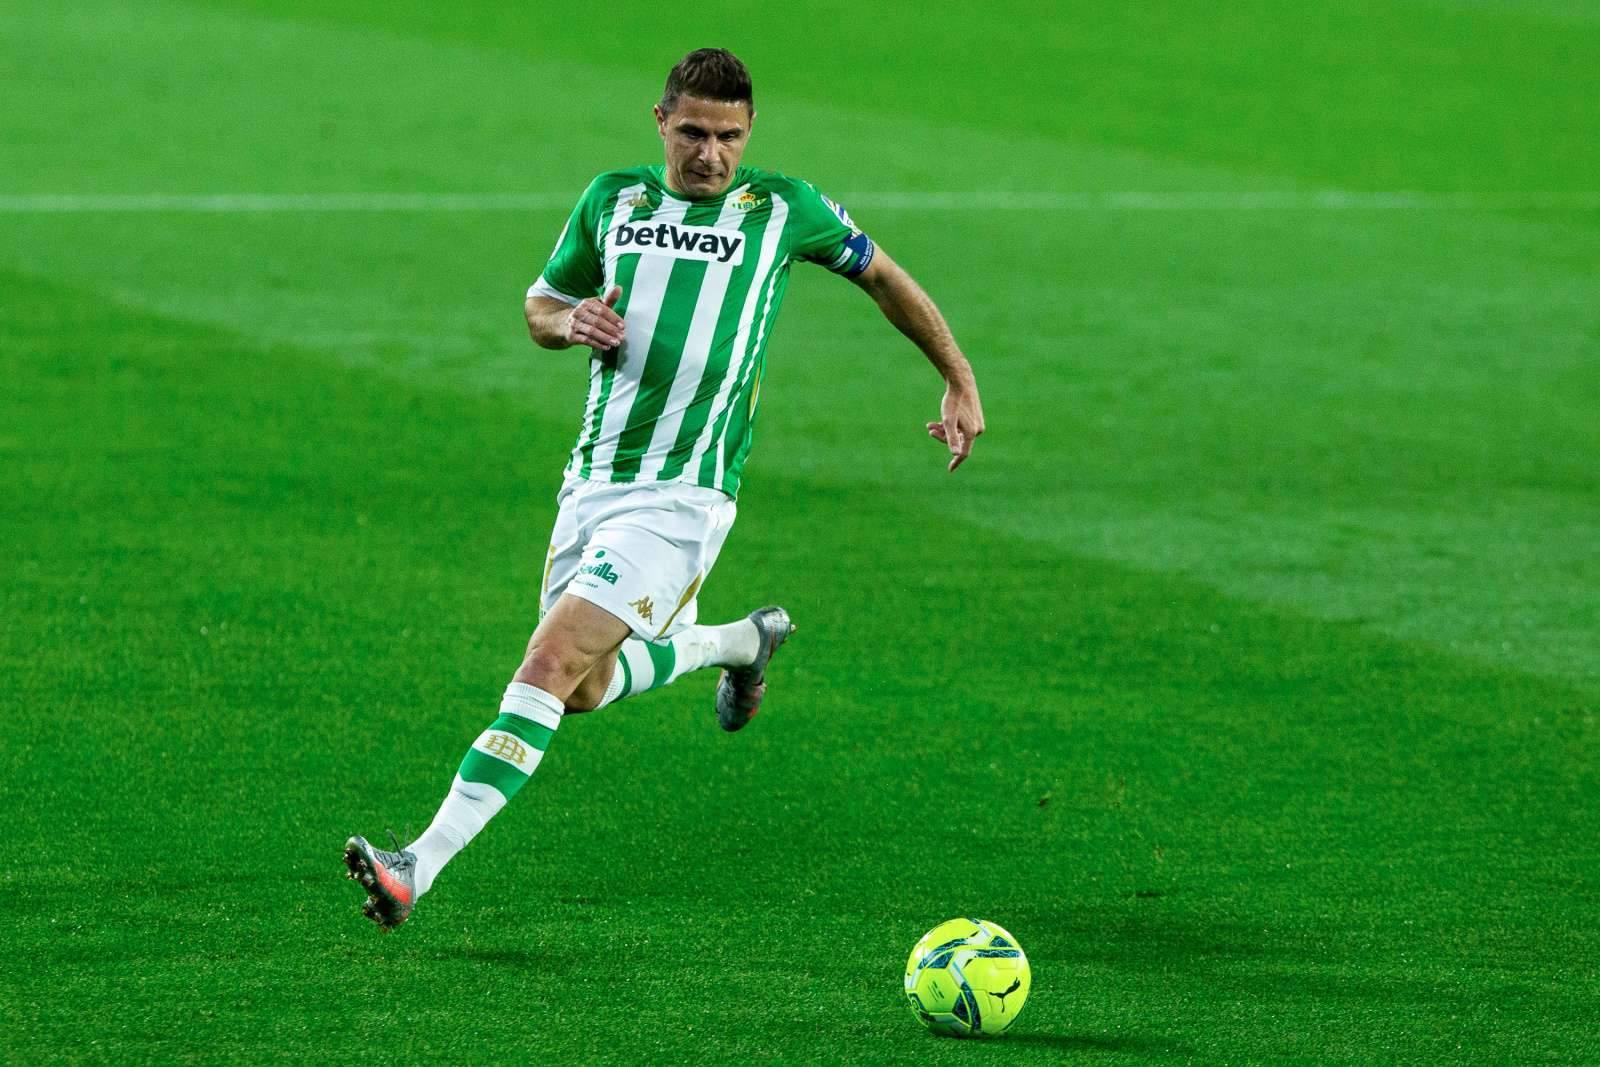 «Реал Сосьедад» в финальные пять минут упустил задел в два мяча в матче с «Бетисом»